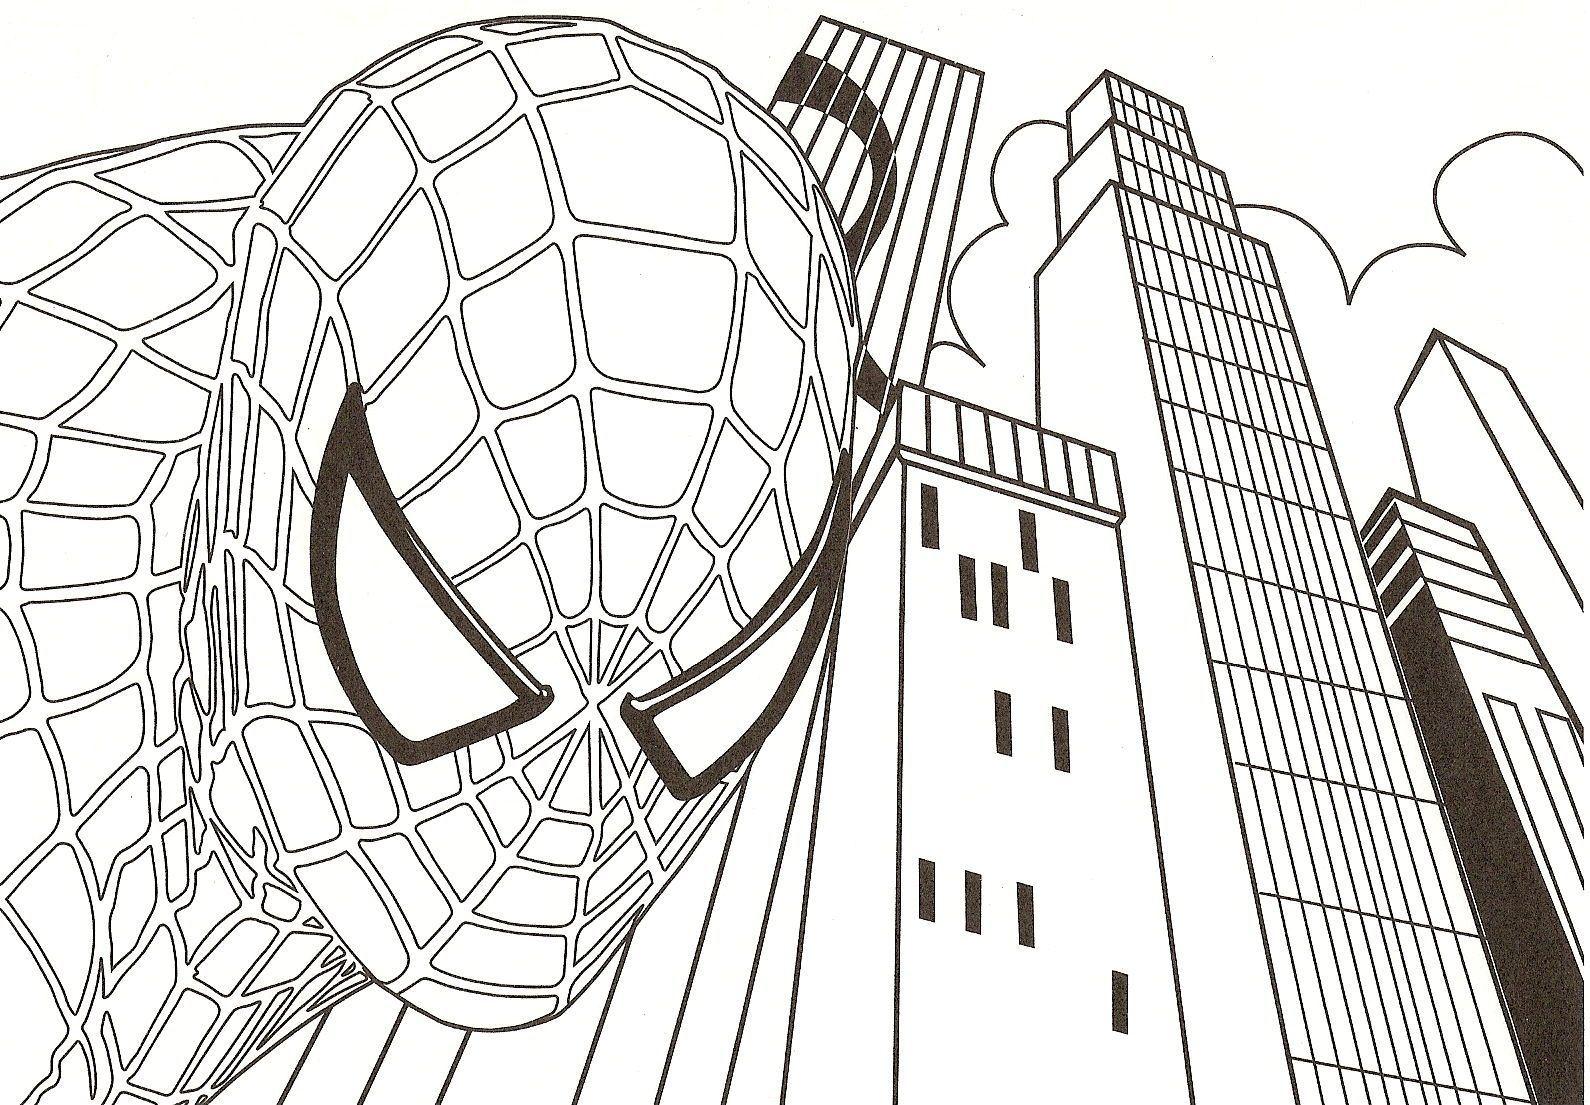 Coloriage spiderman   Coloriage spiderman, Coloriage gratuit ...